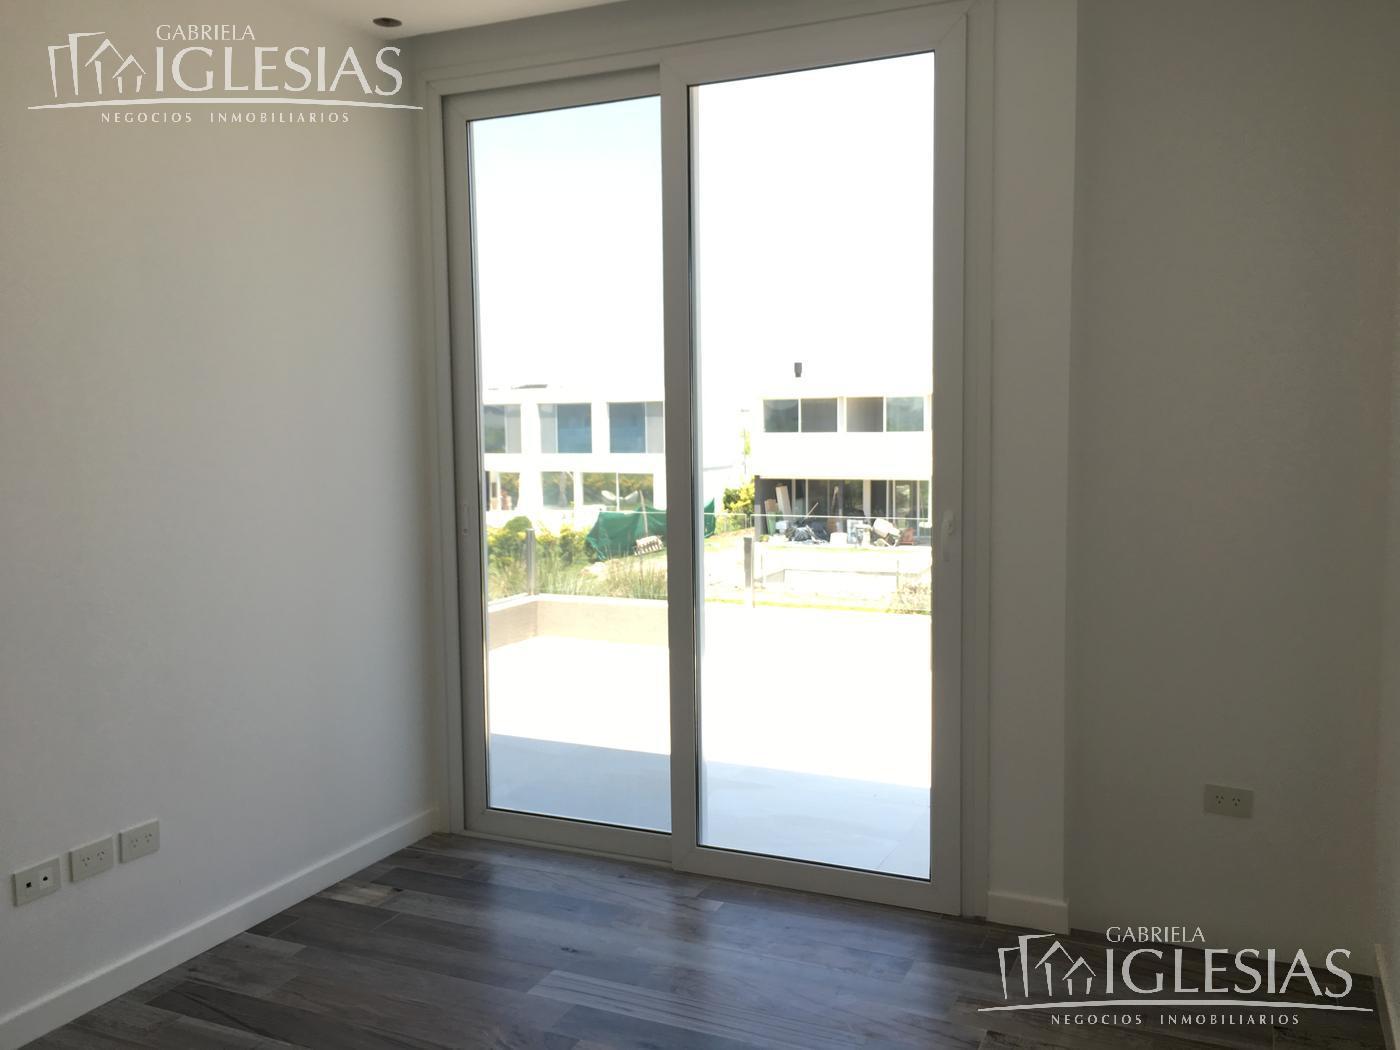 Casa en Venta en Nordelta Los Lagos a Venta - u$s 620.000